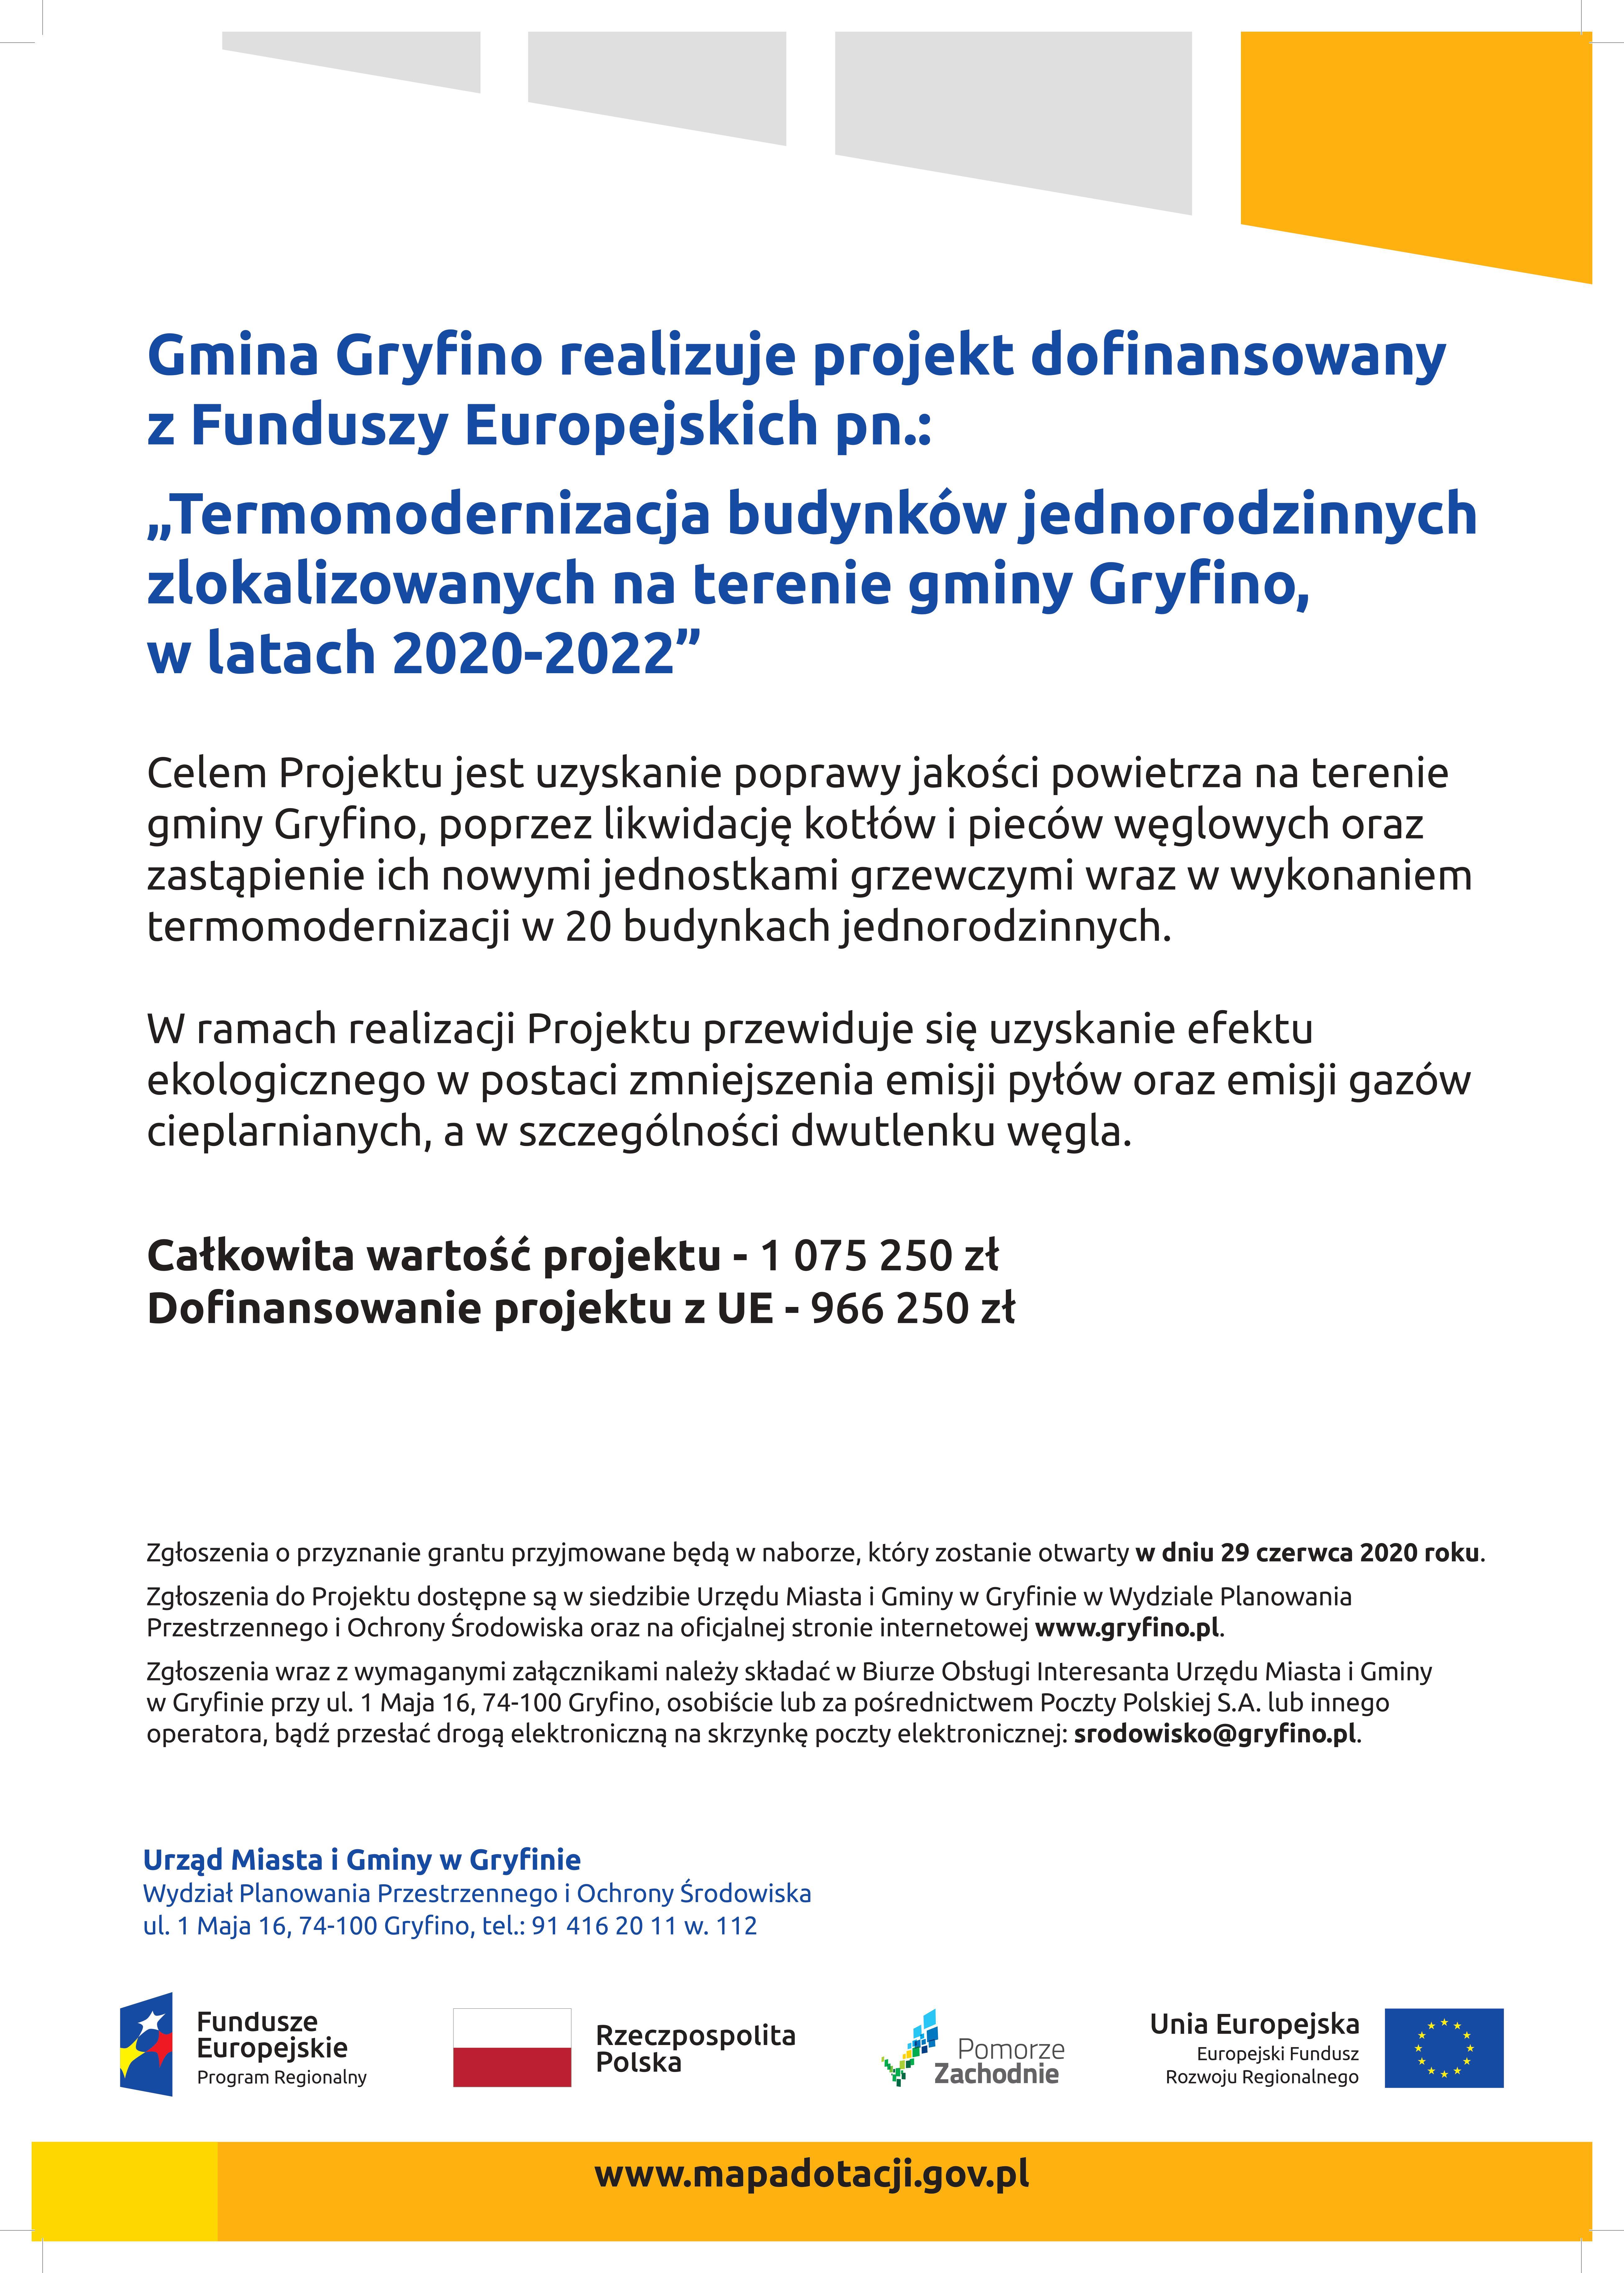 Dobre Miasto - Online Czat i Randki | Dobre Miasto, Polska - Poznaj Kobiety i Mężczyzn | Badoo